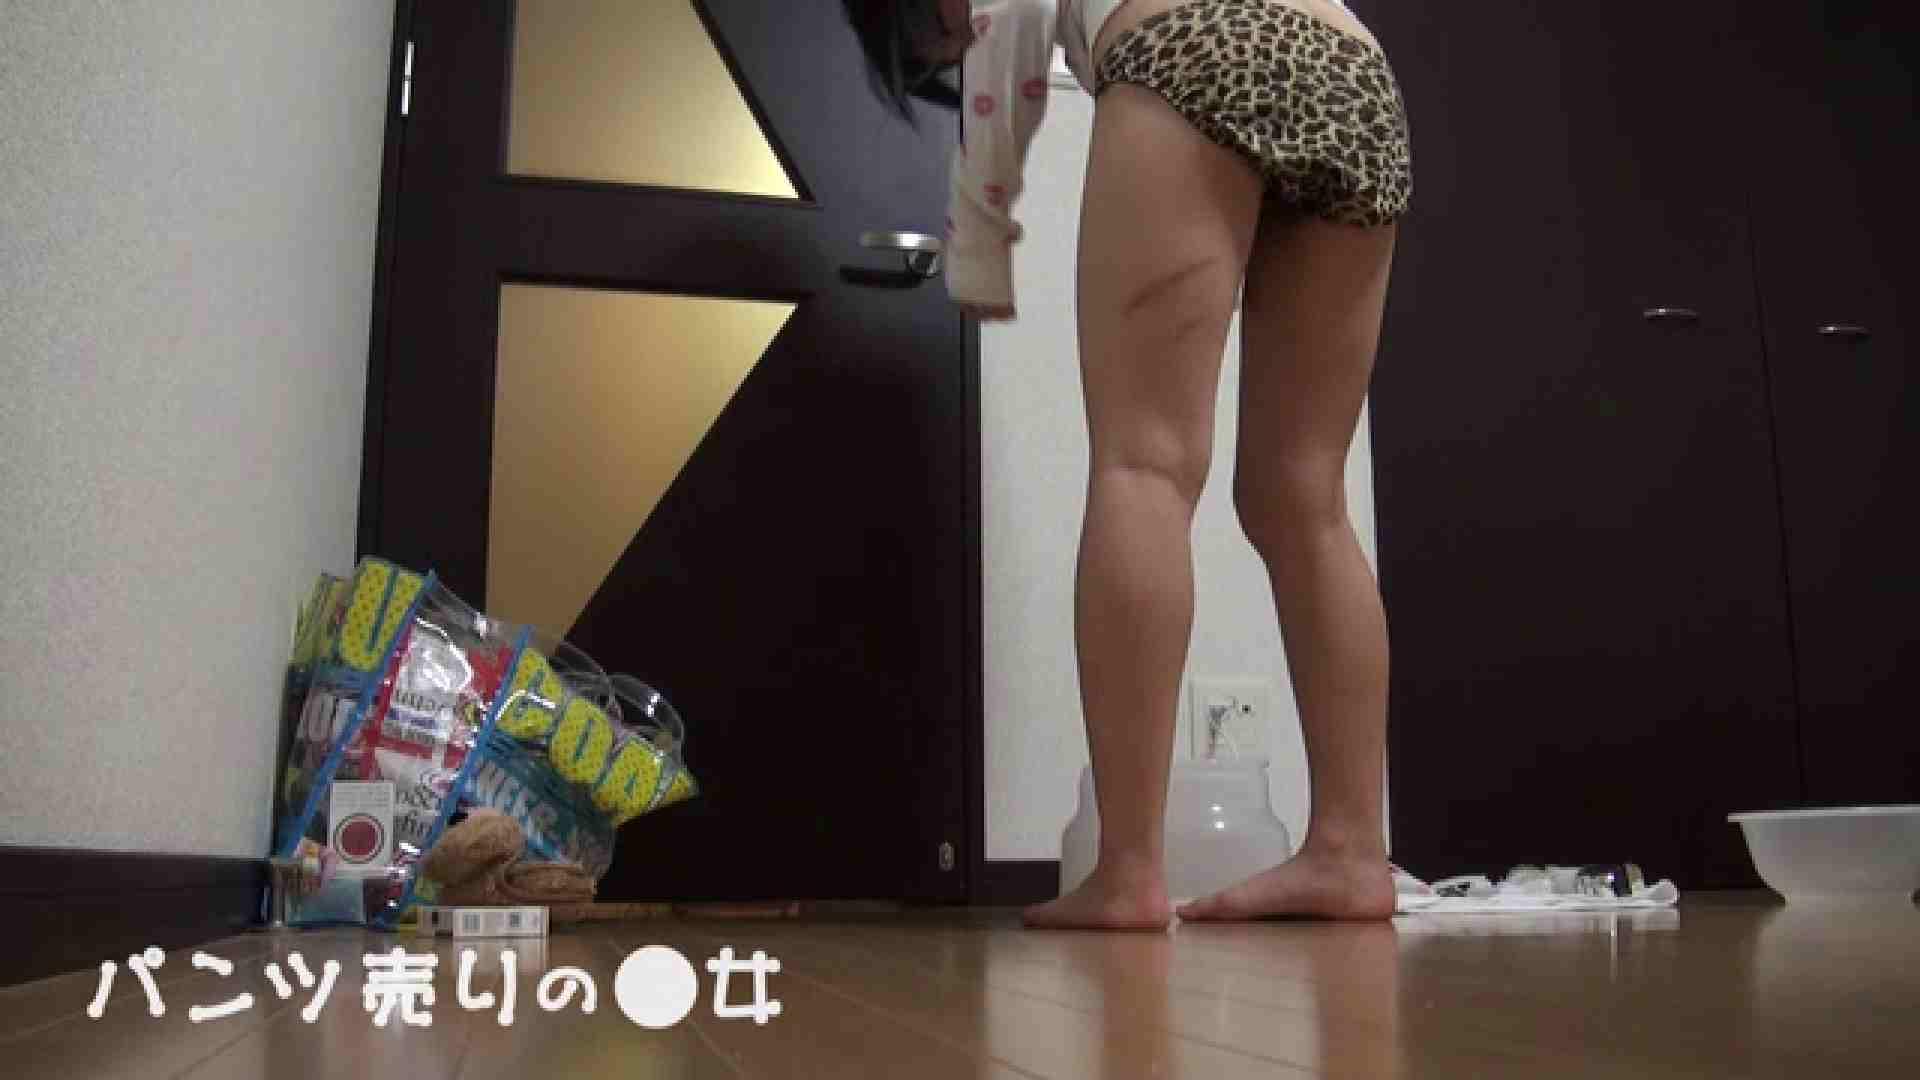 新説 パンツ売りの女の子nana 一般投稿  41連発 37